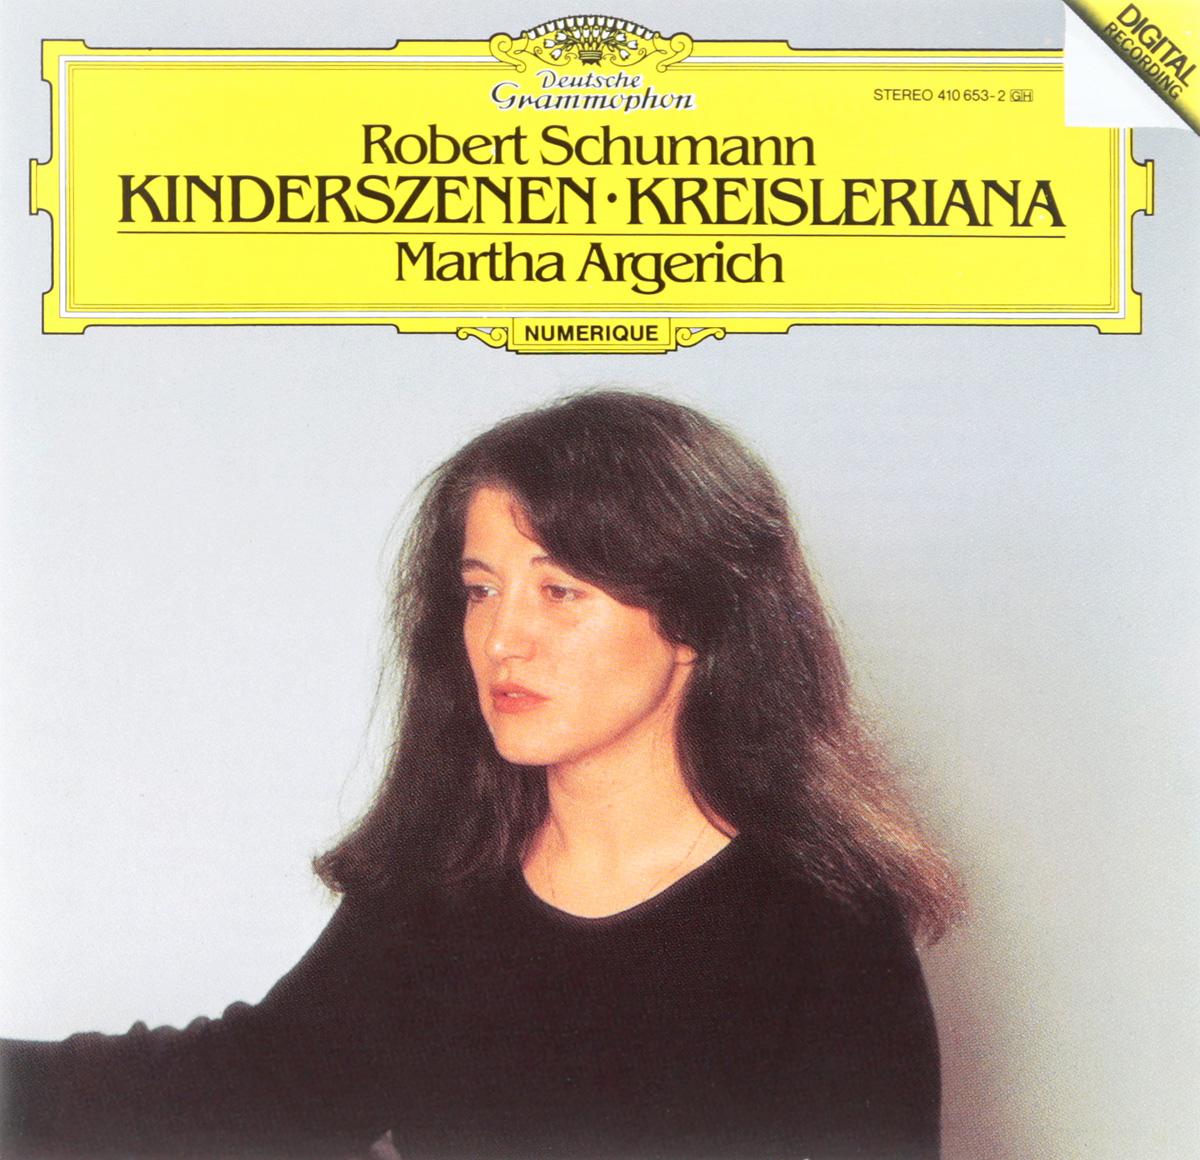 лучшая цена Robert Schumann, Martha Argerich. Kinderszenen - Kreisleriana